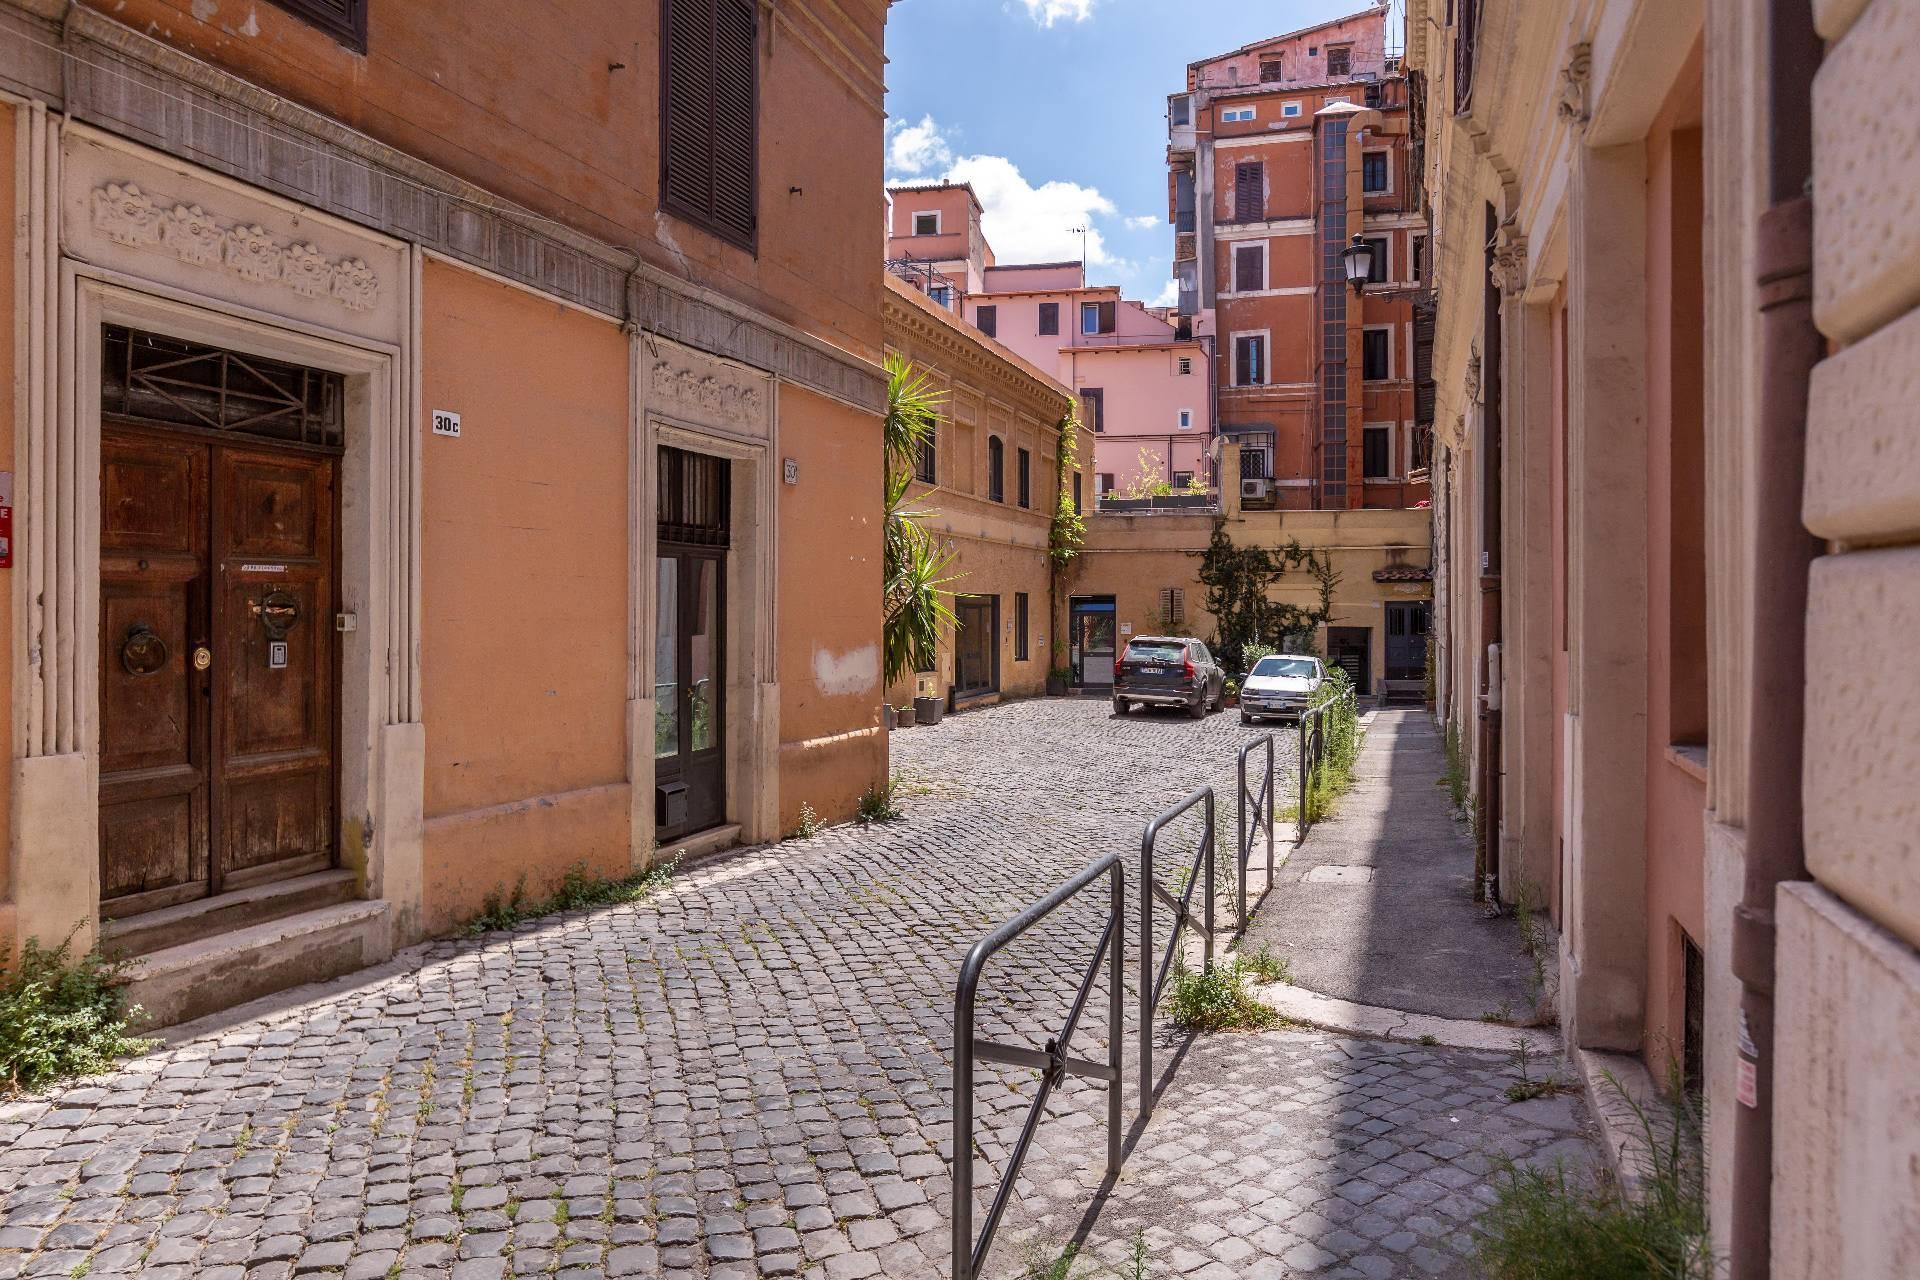 Casa indipendente in Vendita a Roma: 3 locali, 66 mq - Foto 17